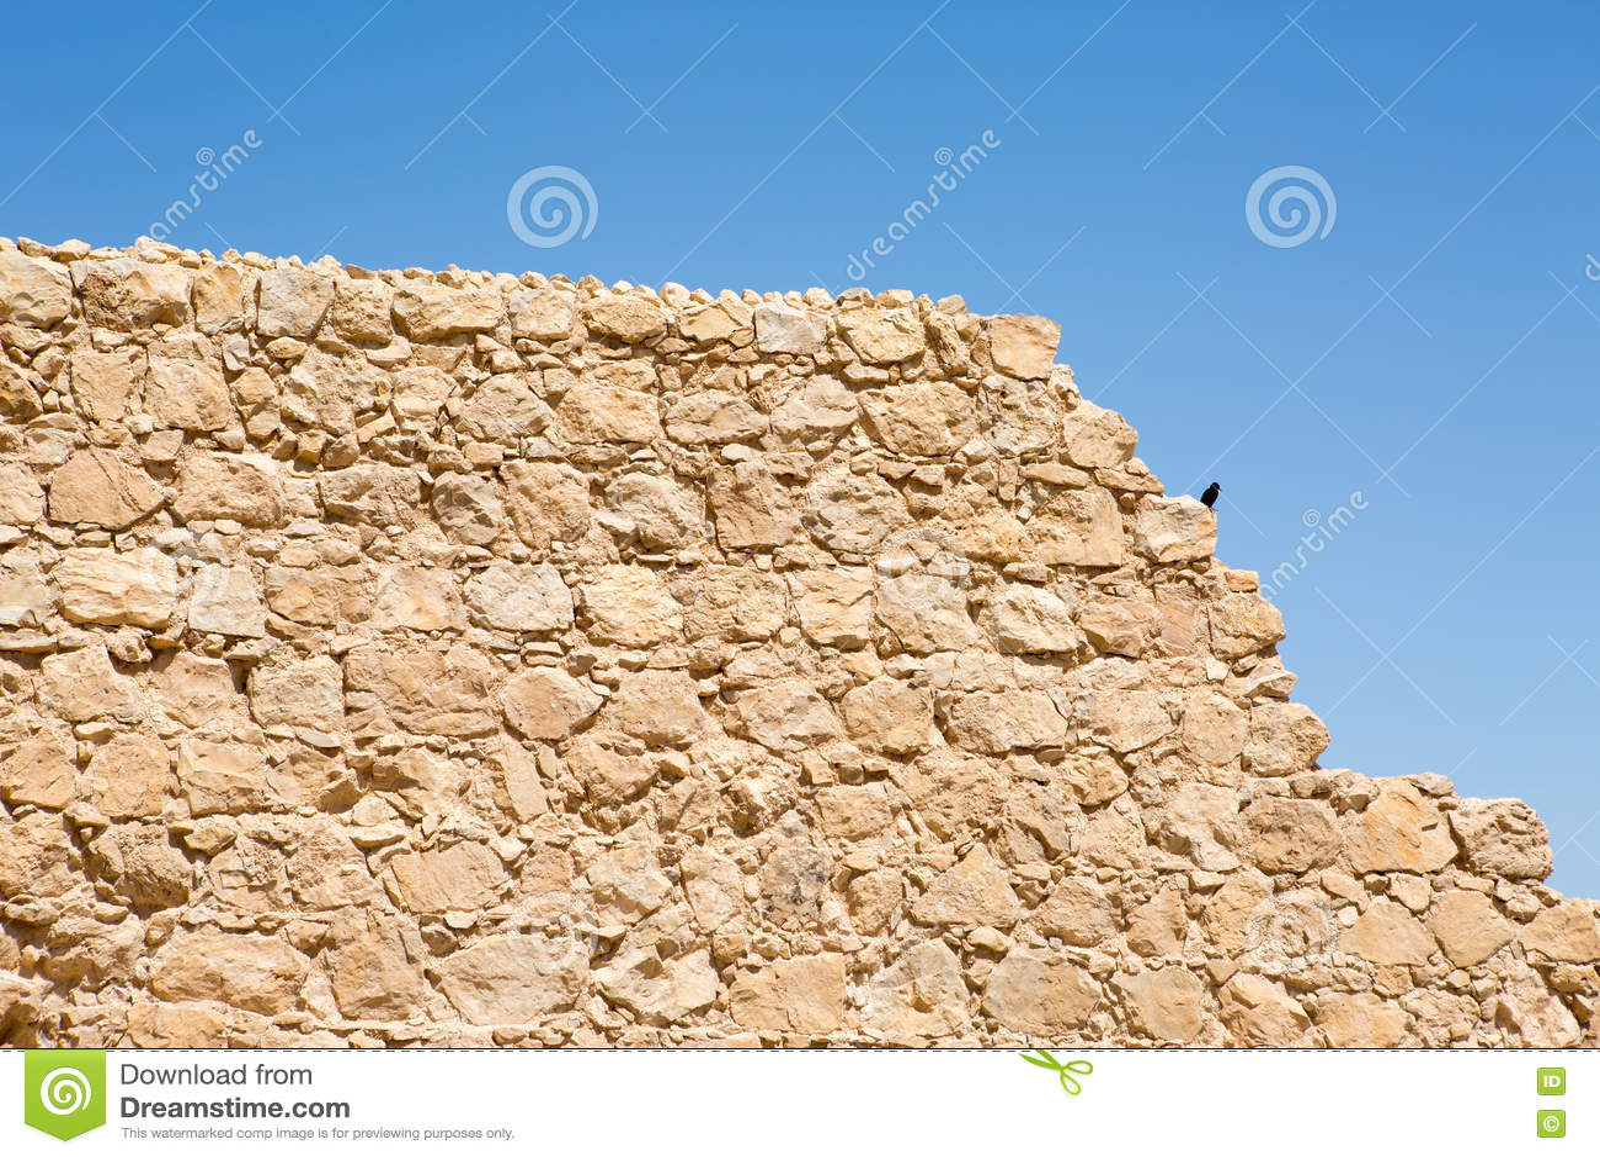 Текстура стены древней крепости с голубым небом